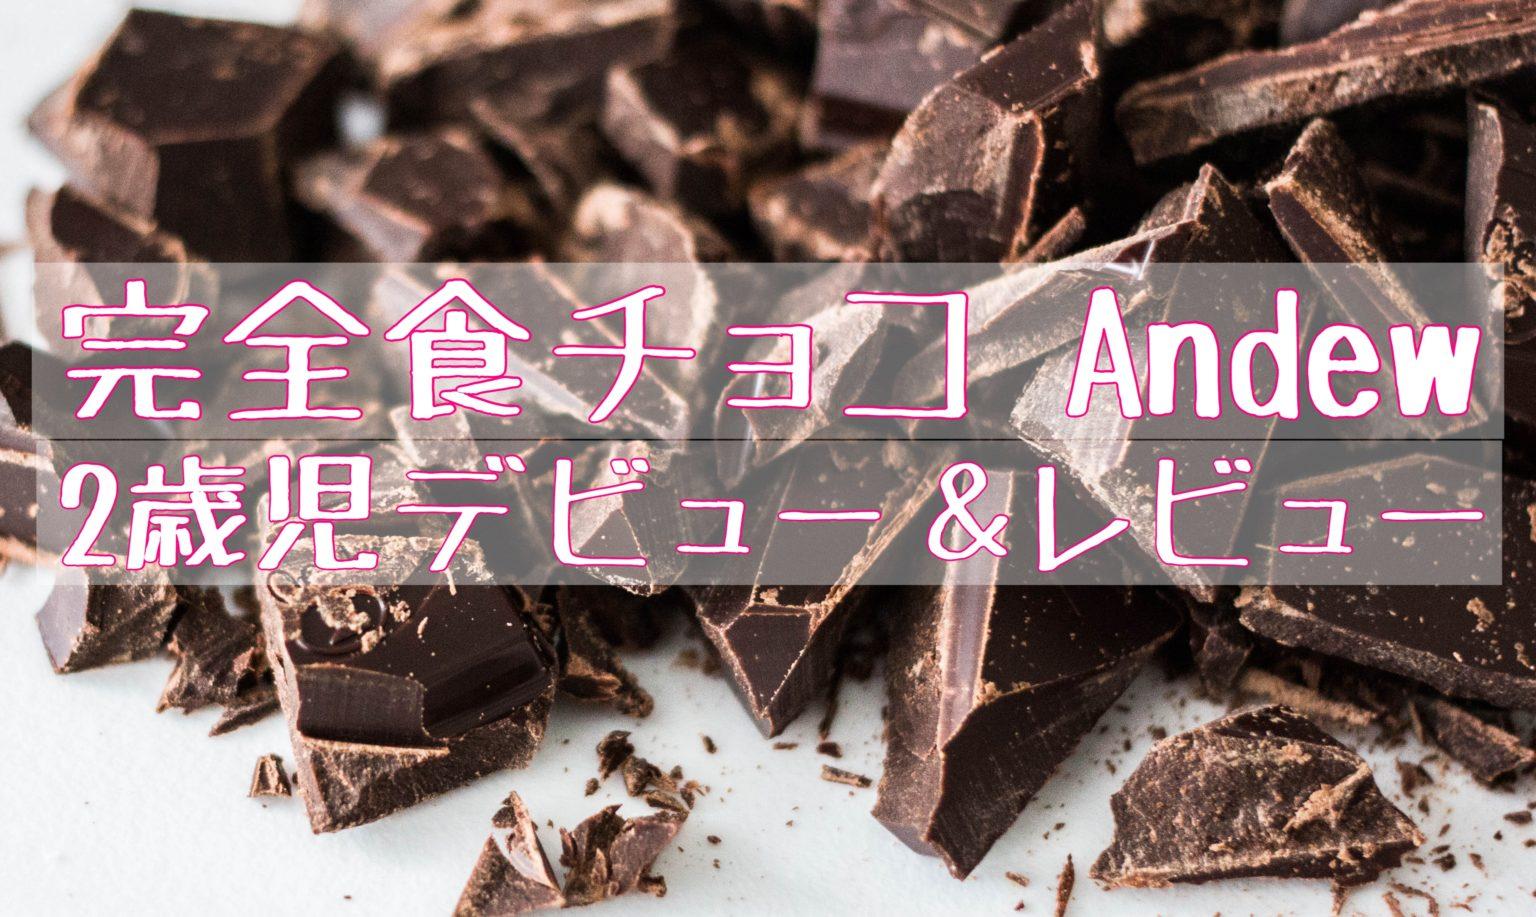 完全食チョコAndew 2歳児デビュー&レビュー